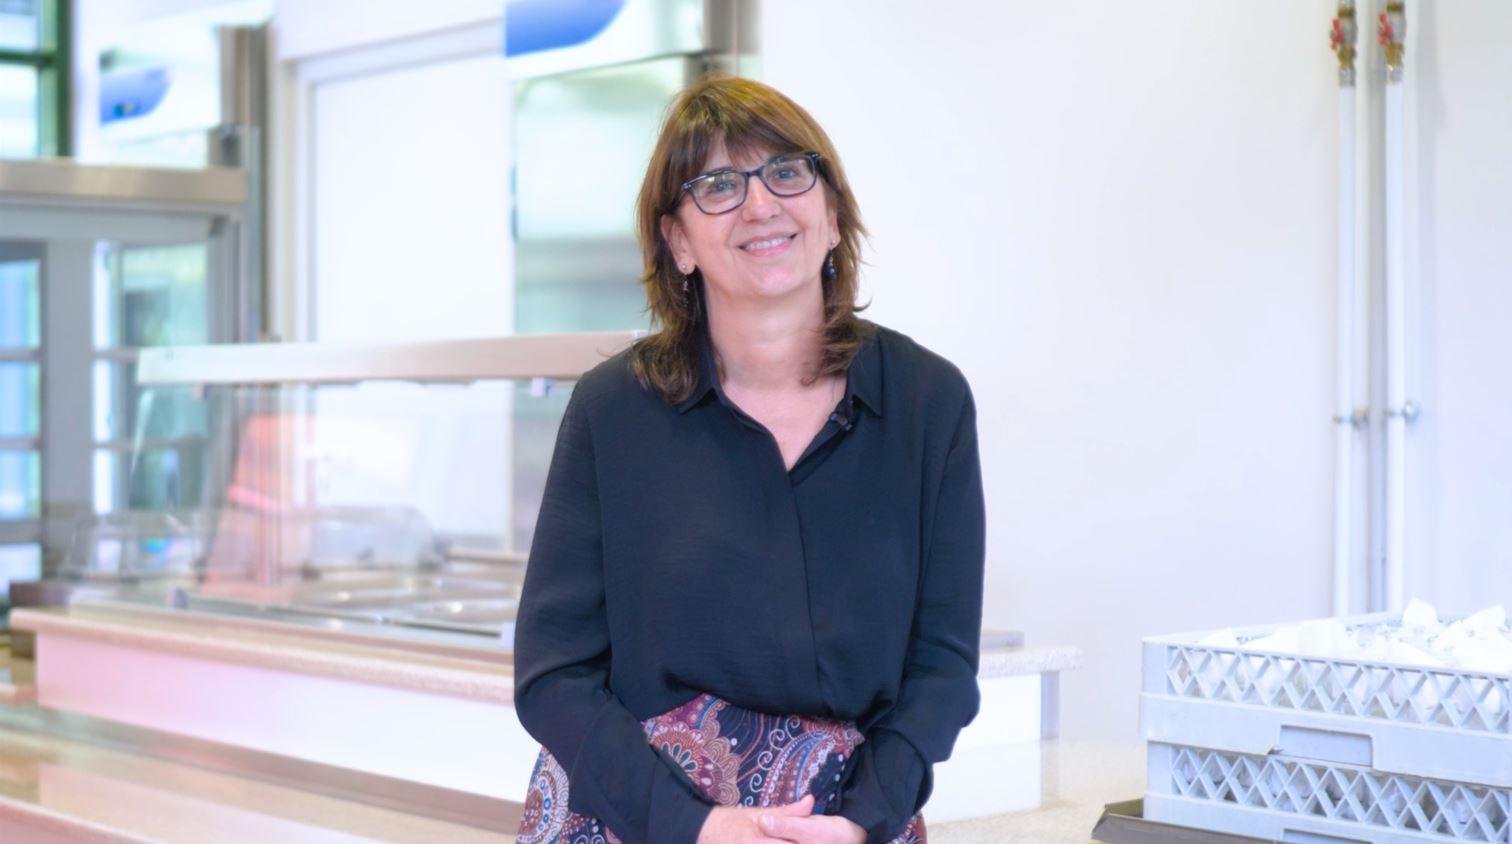 Sylvie Dauriat